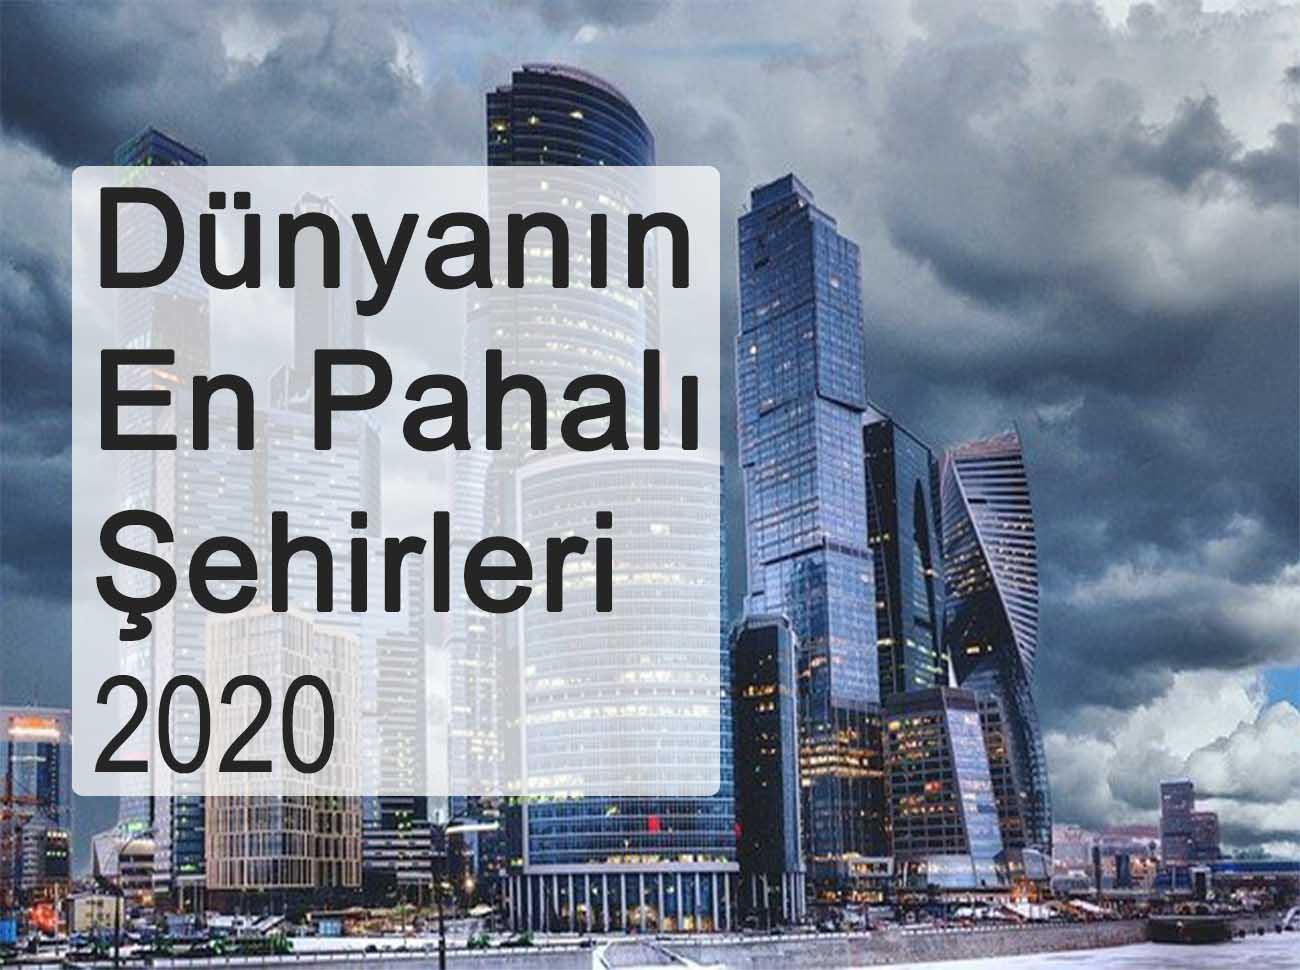 Dünyanın En Pahalı Şehirleri (2020)